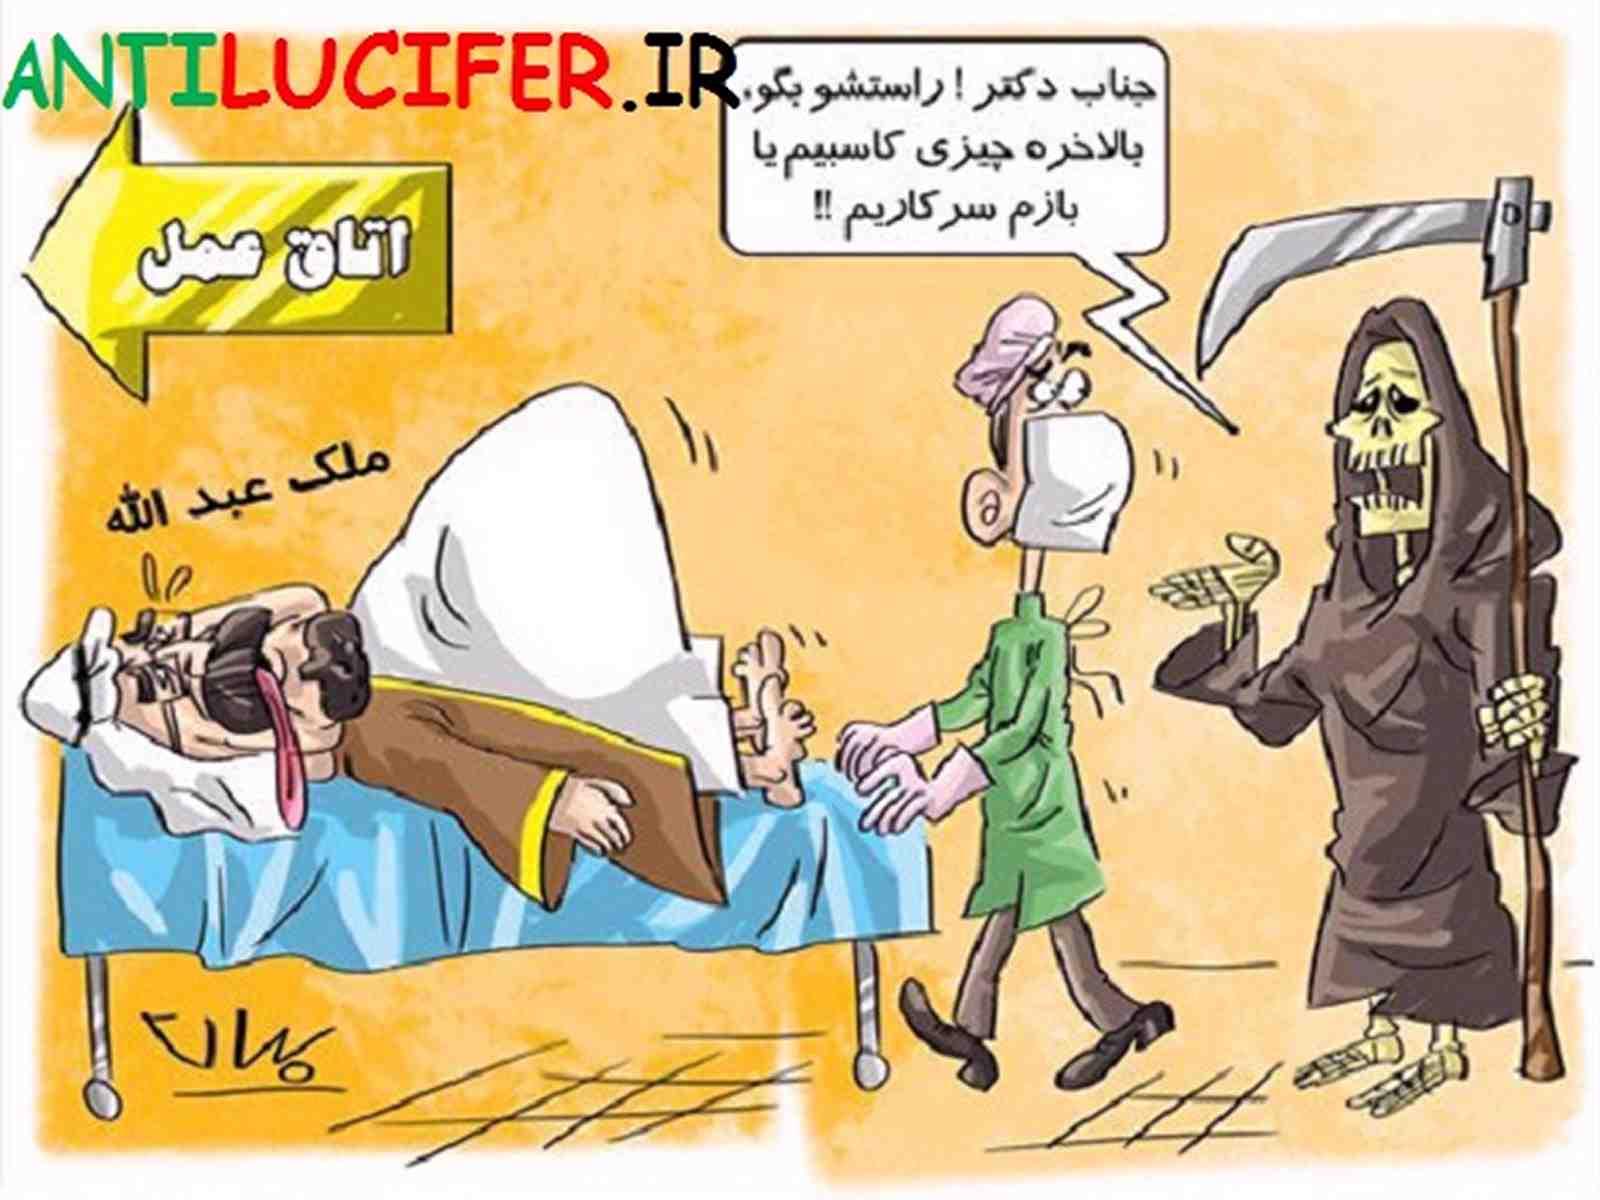 عکس کاریکاتور مرگ ملک عبدالله در مبارزه با شیطان